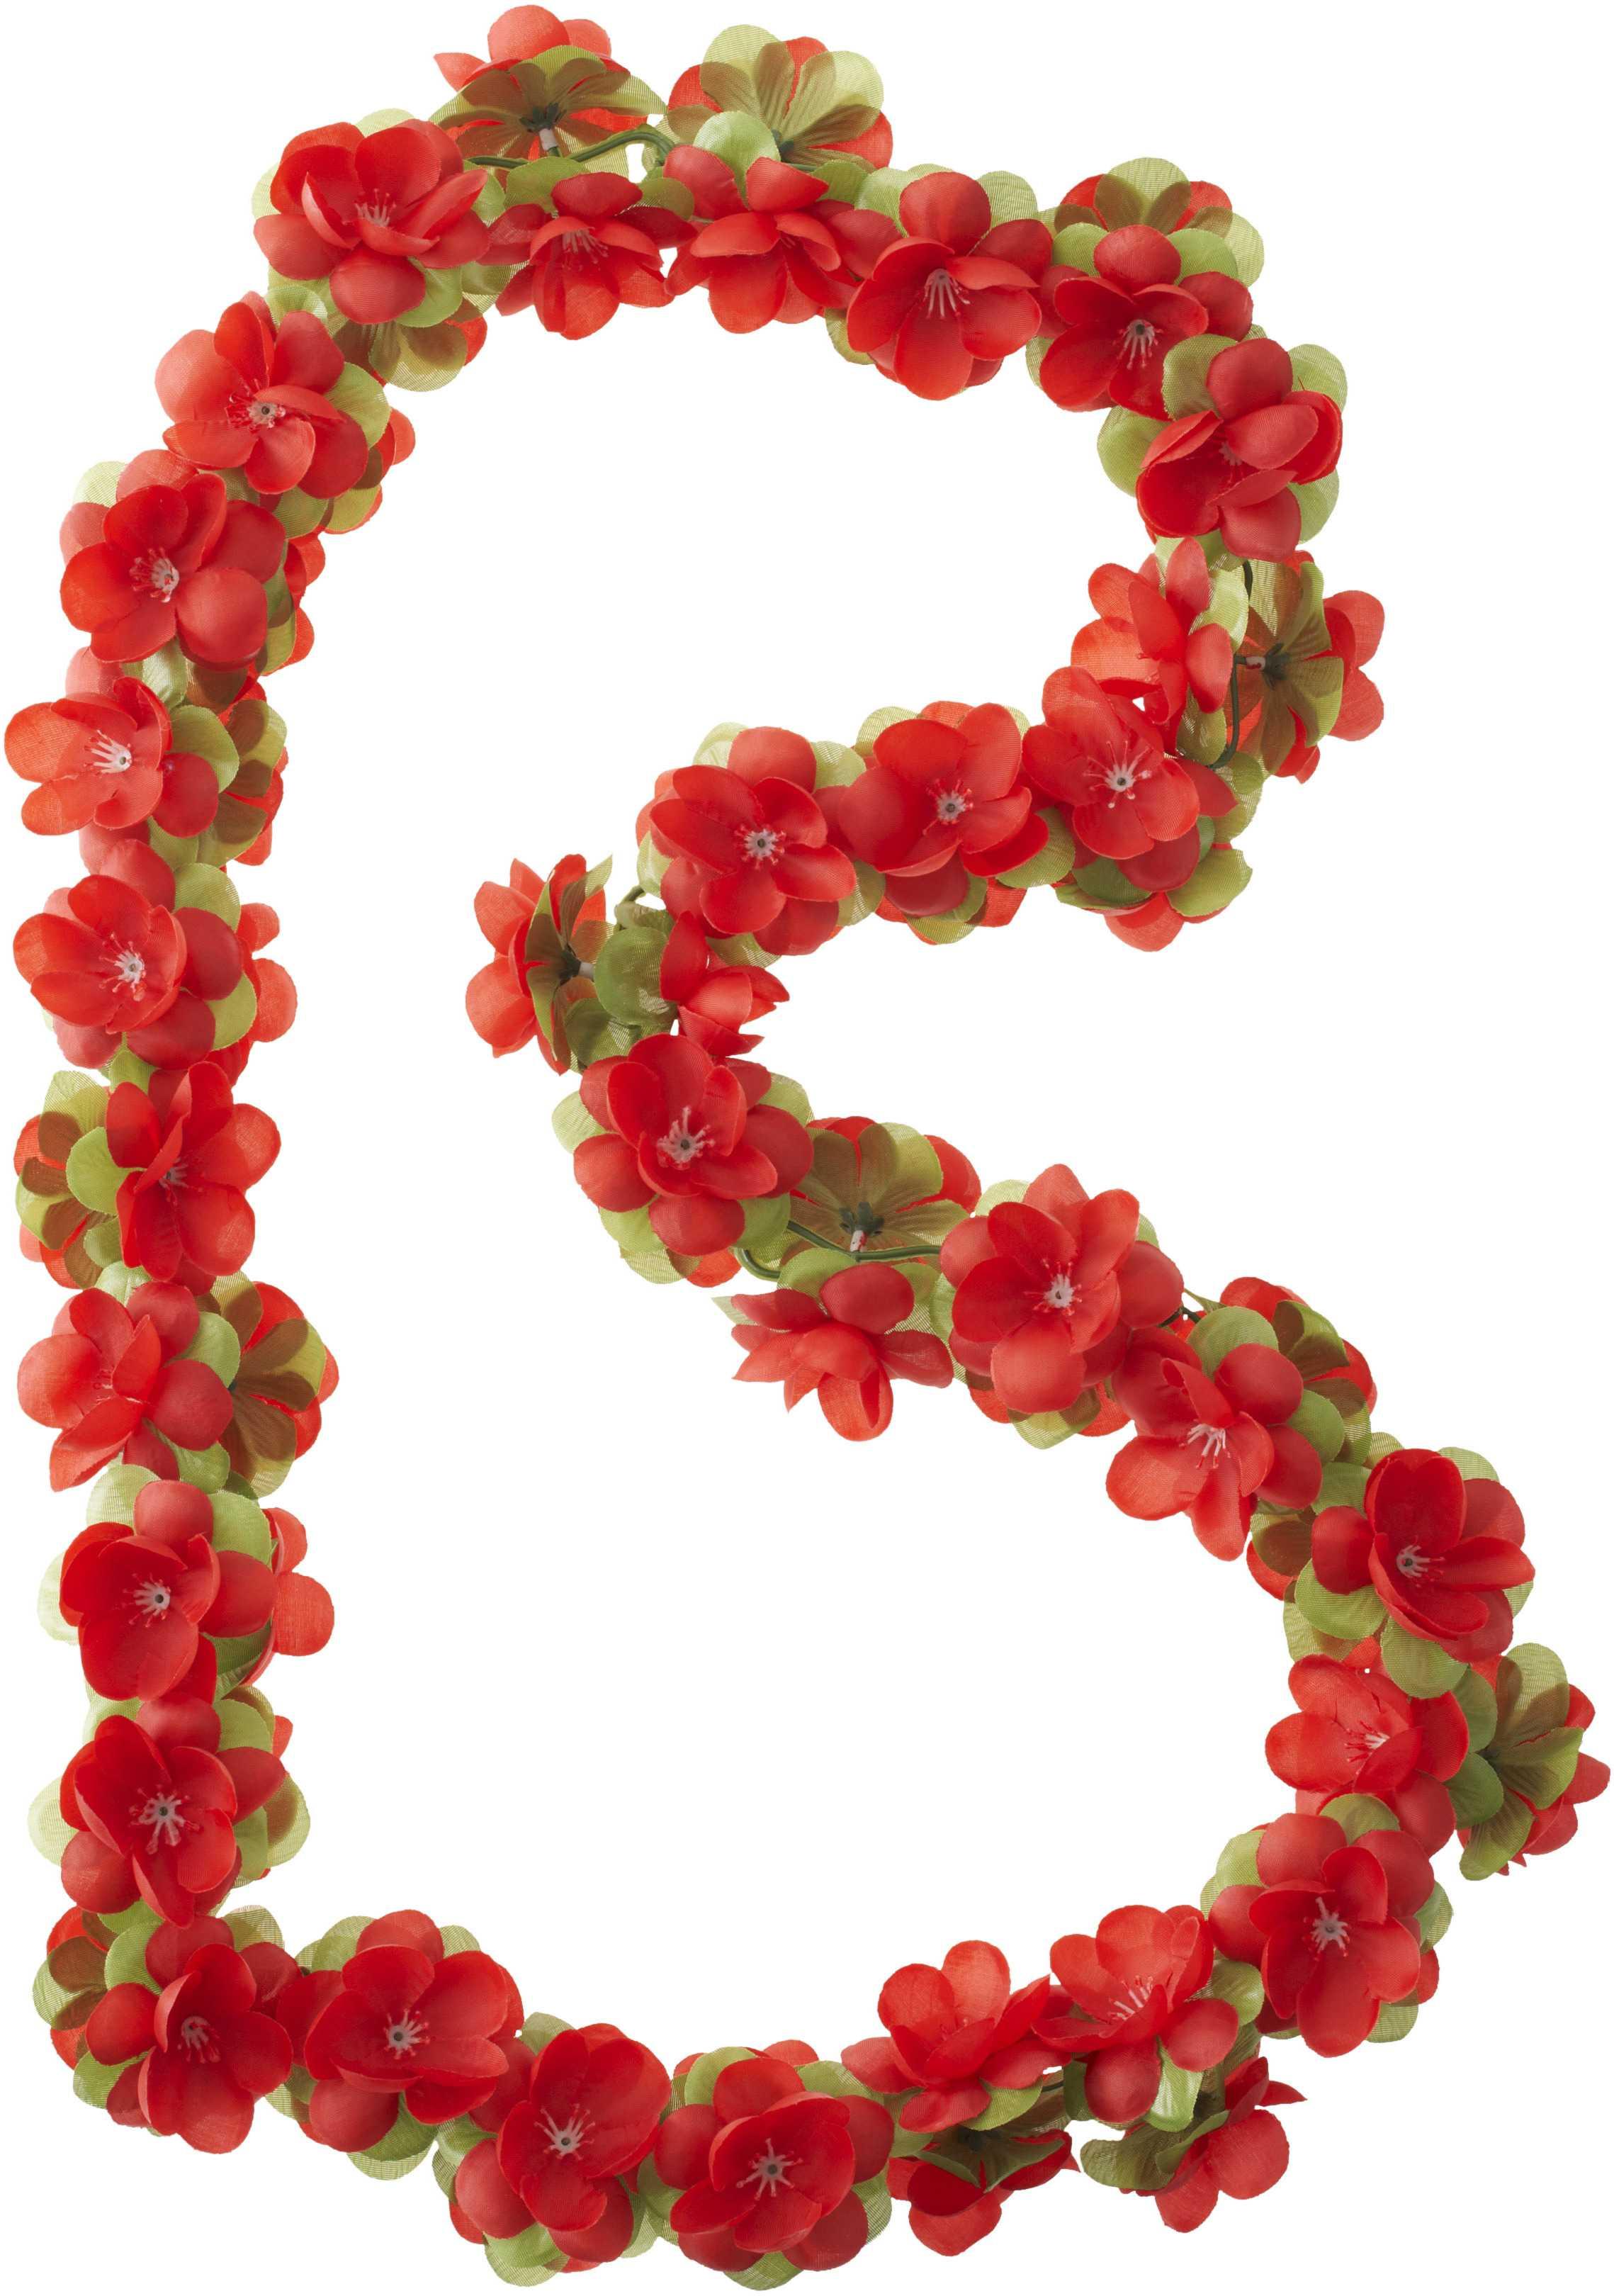 Girlang Basil 130 cm röd/Slöjblomma